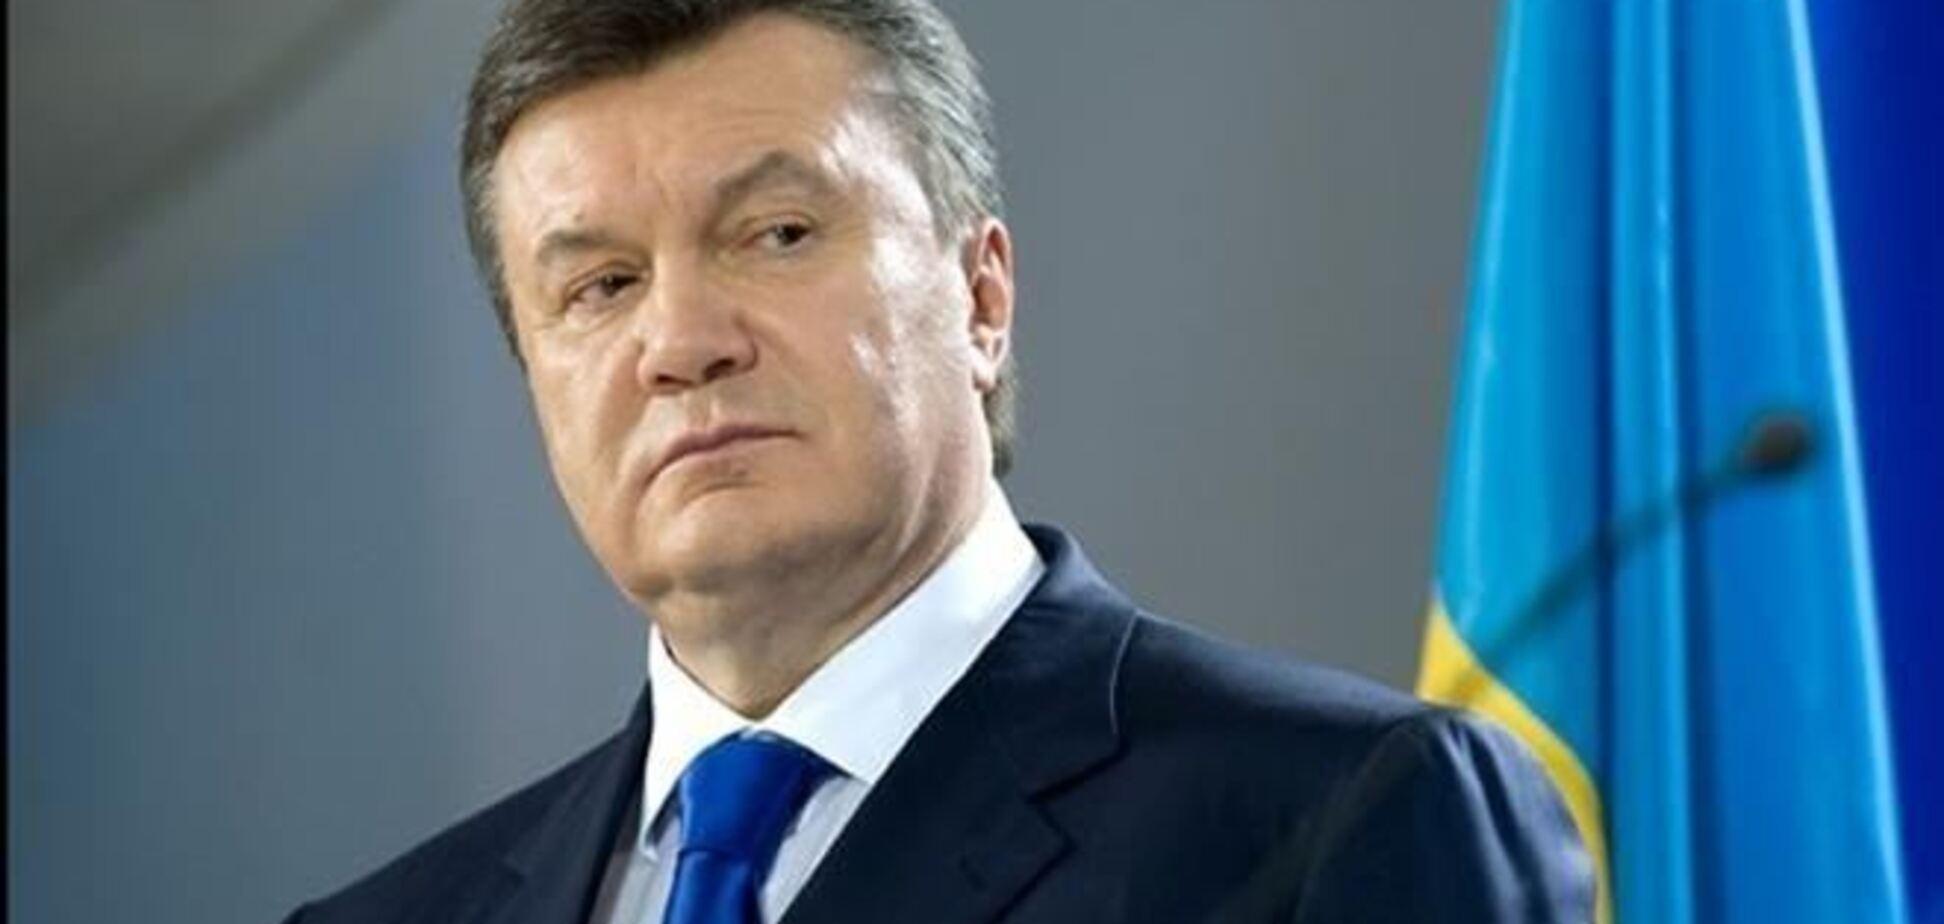 На съезде в Харькове снижают меры безопасности: Януковича больше не ждут